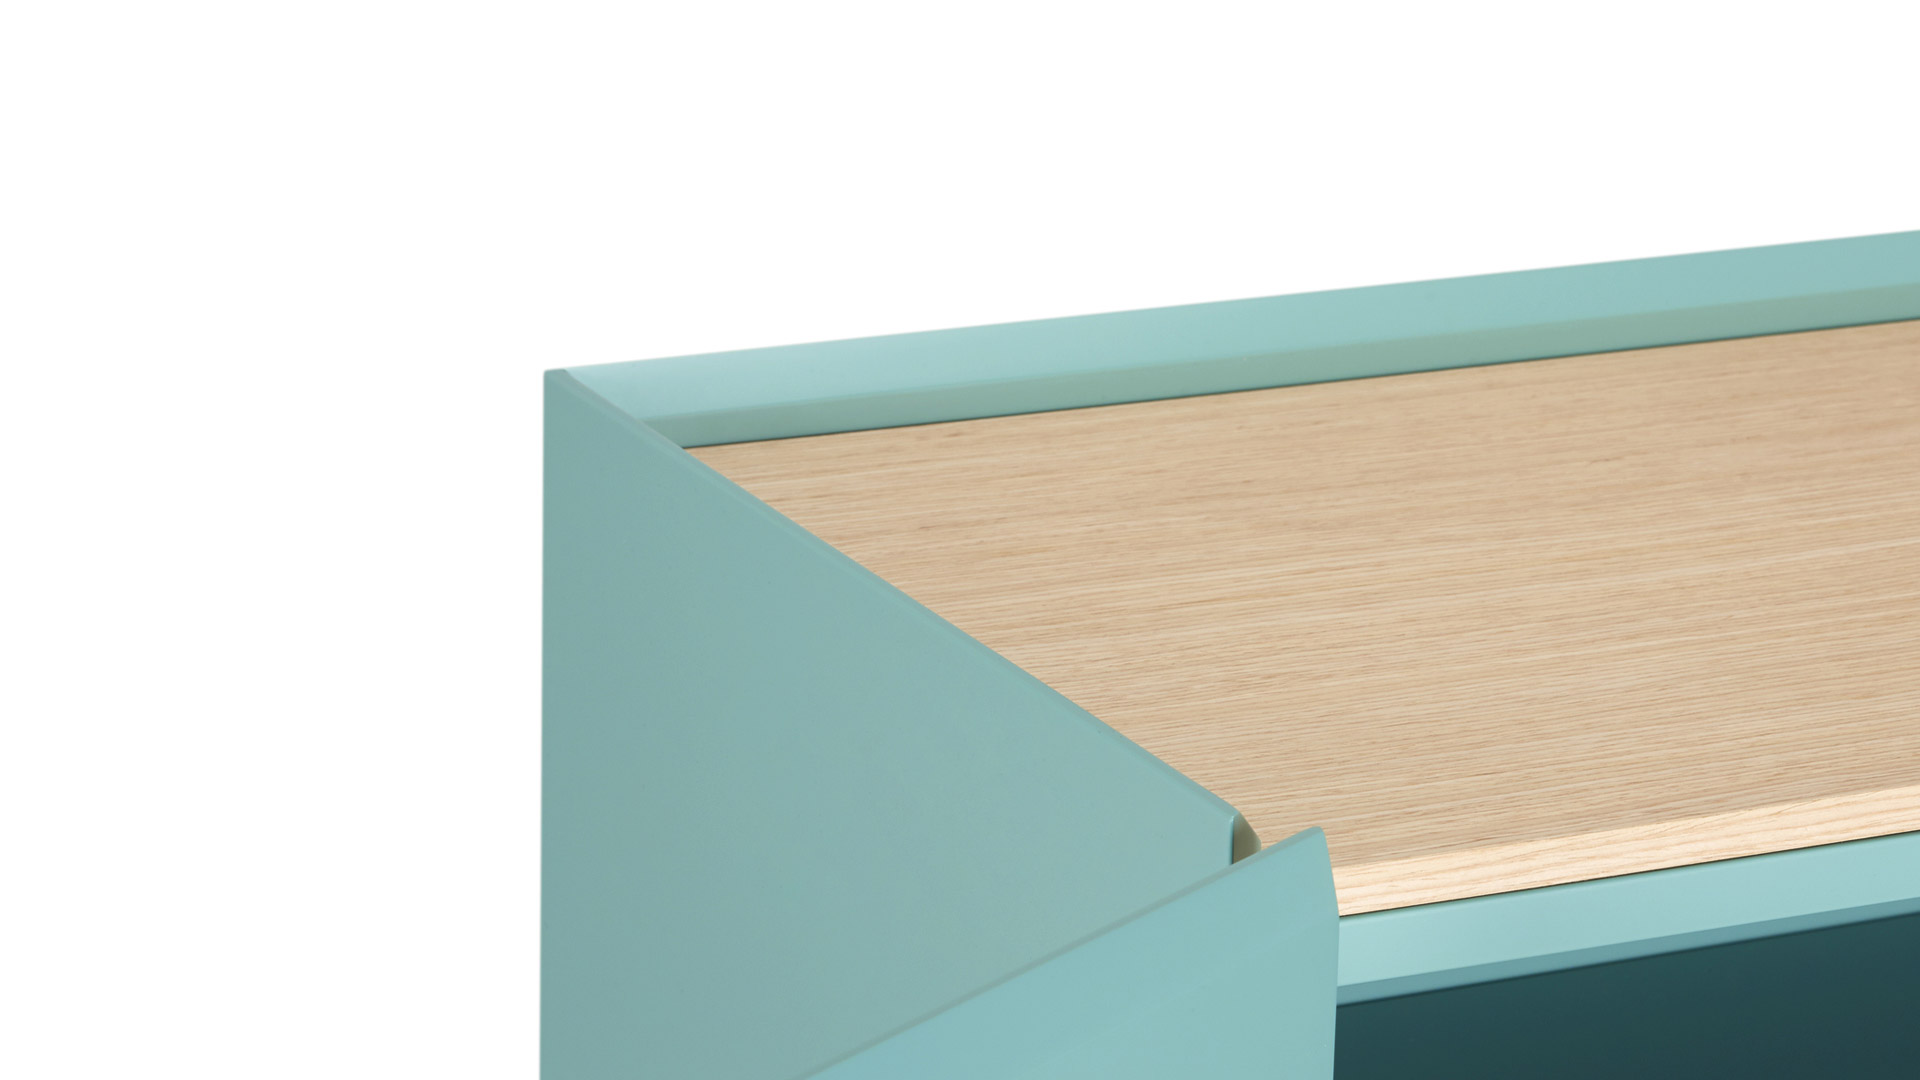 柜体顶板双层质感结构,上下两层不同厚度采用撞色处理,清漆覆盖的水洗橡木木皮呈现哑光质感,与四边45°斜坡精美呼应。顶板的每一次开启都带给你跳动的视觉张力。